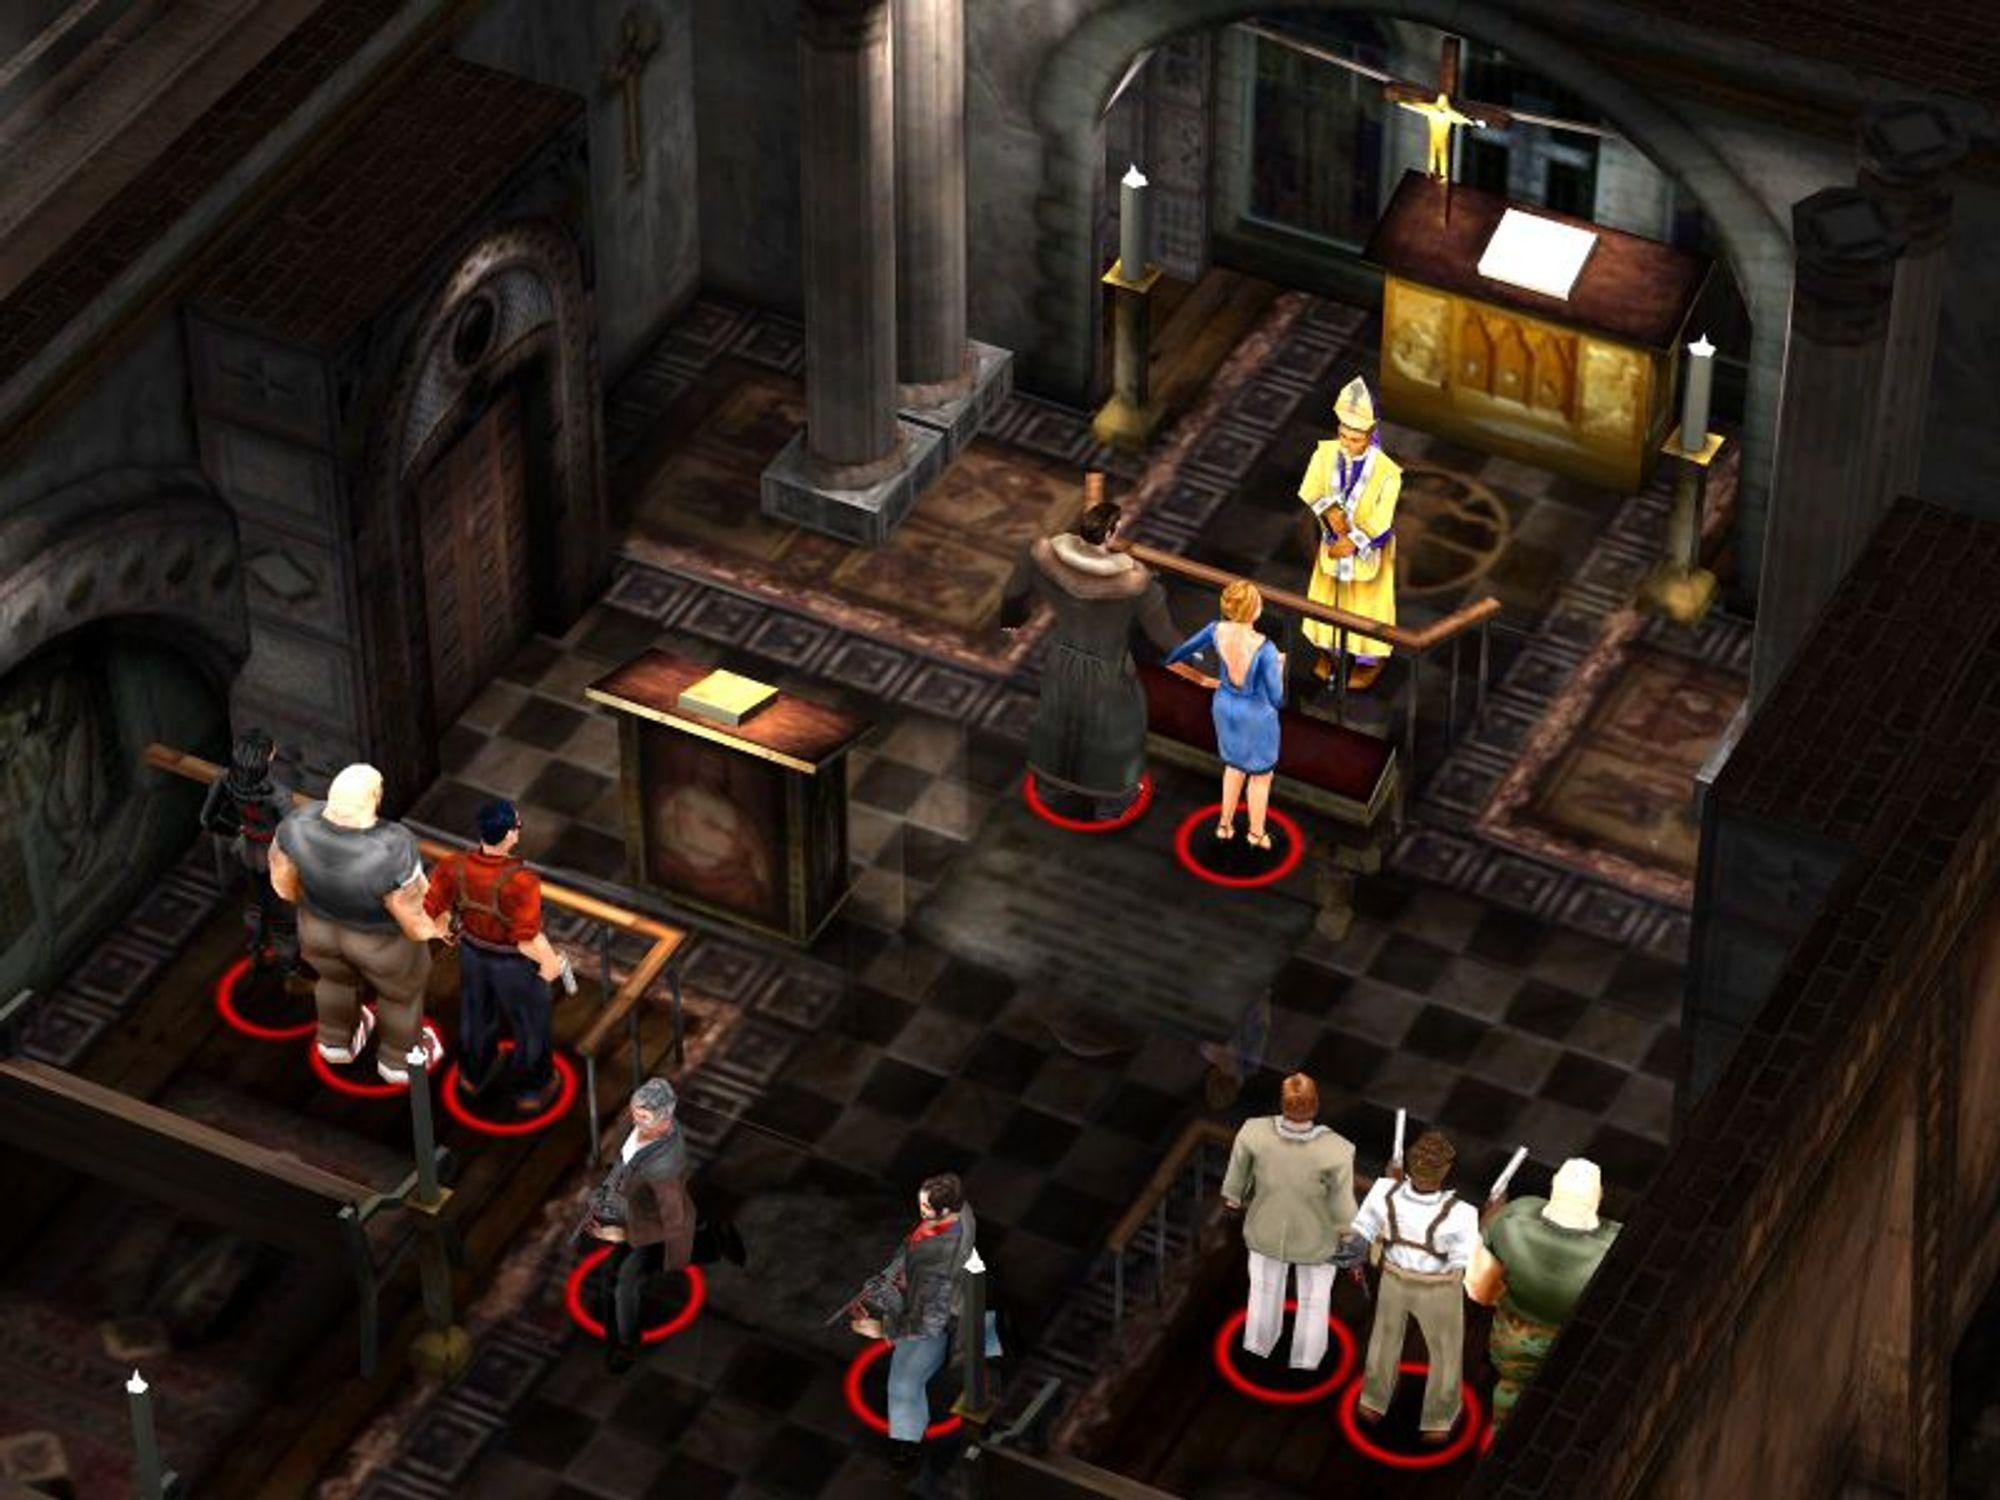 Скриншот из игры Gangland: Trouble in Paradise под номером 5. Смотреть полн